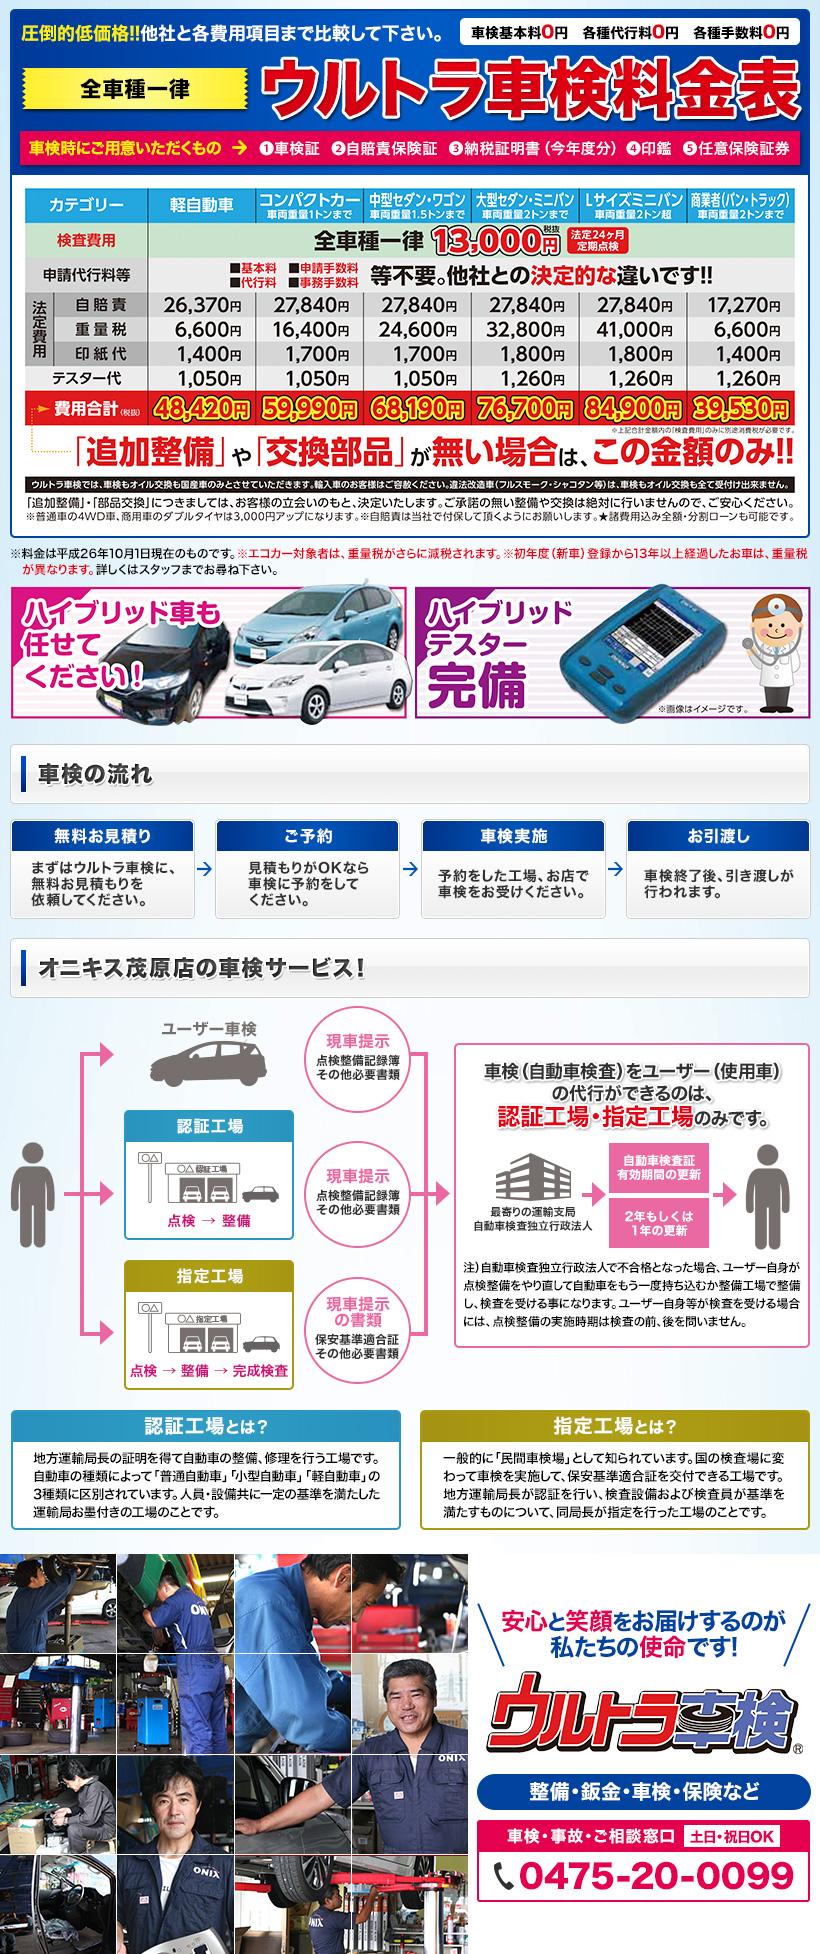 料金説明画像、車検のフローチャート、一生懸命!車検を行うスタッフの整備風景